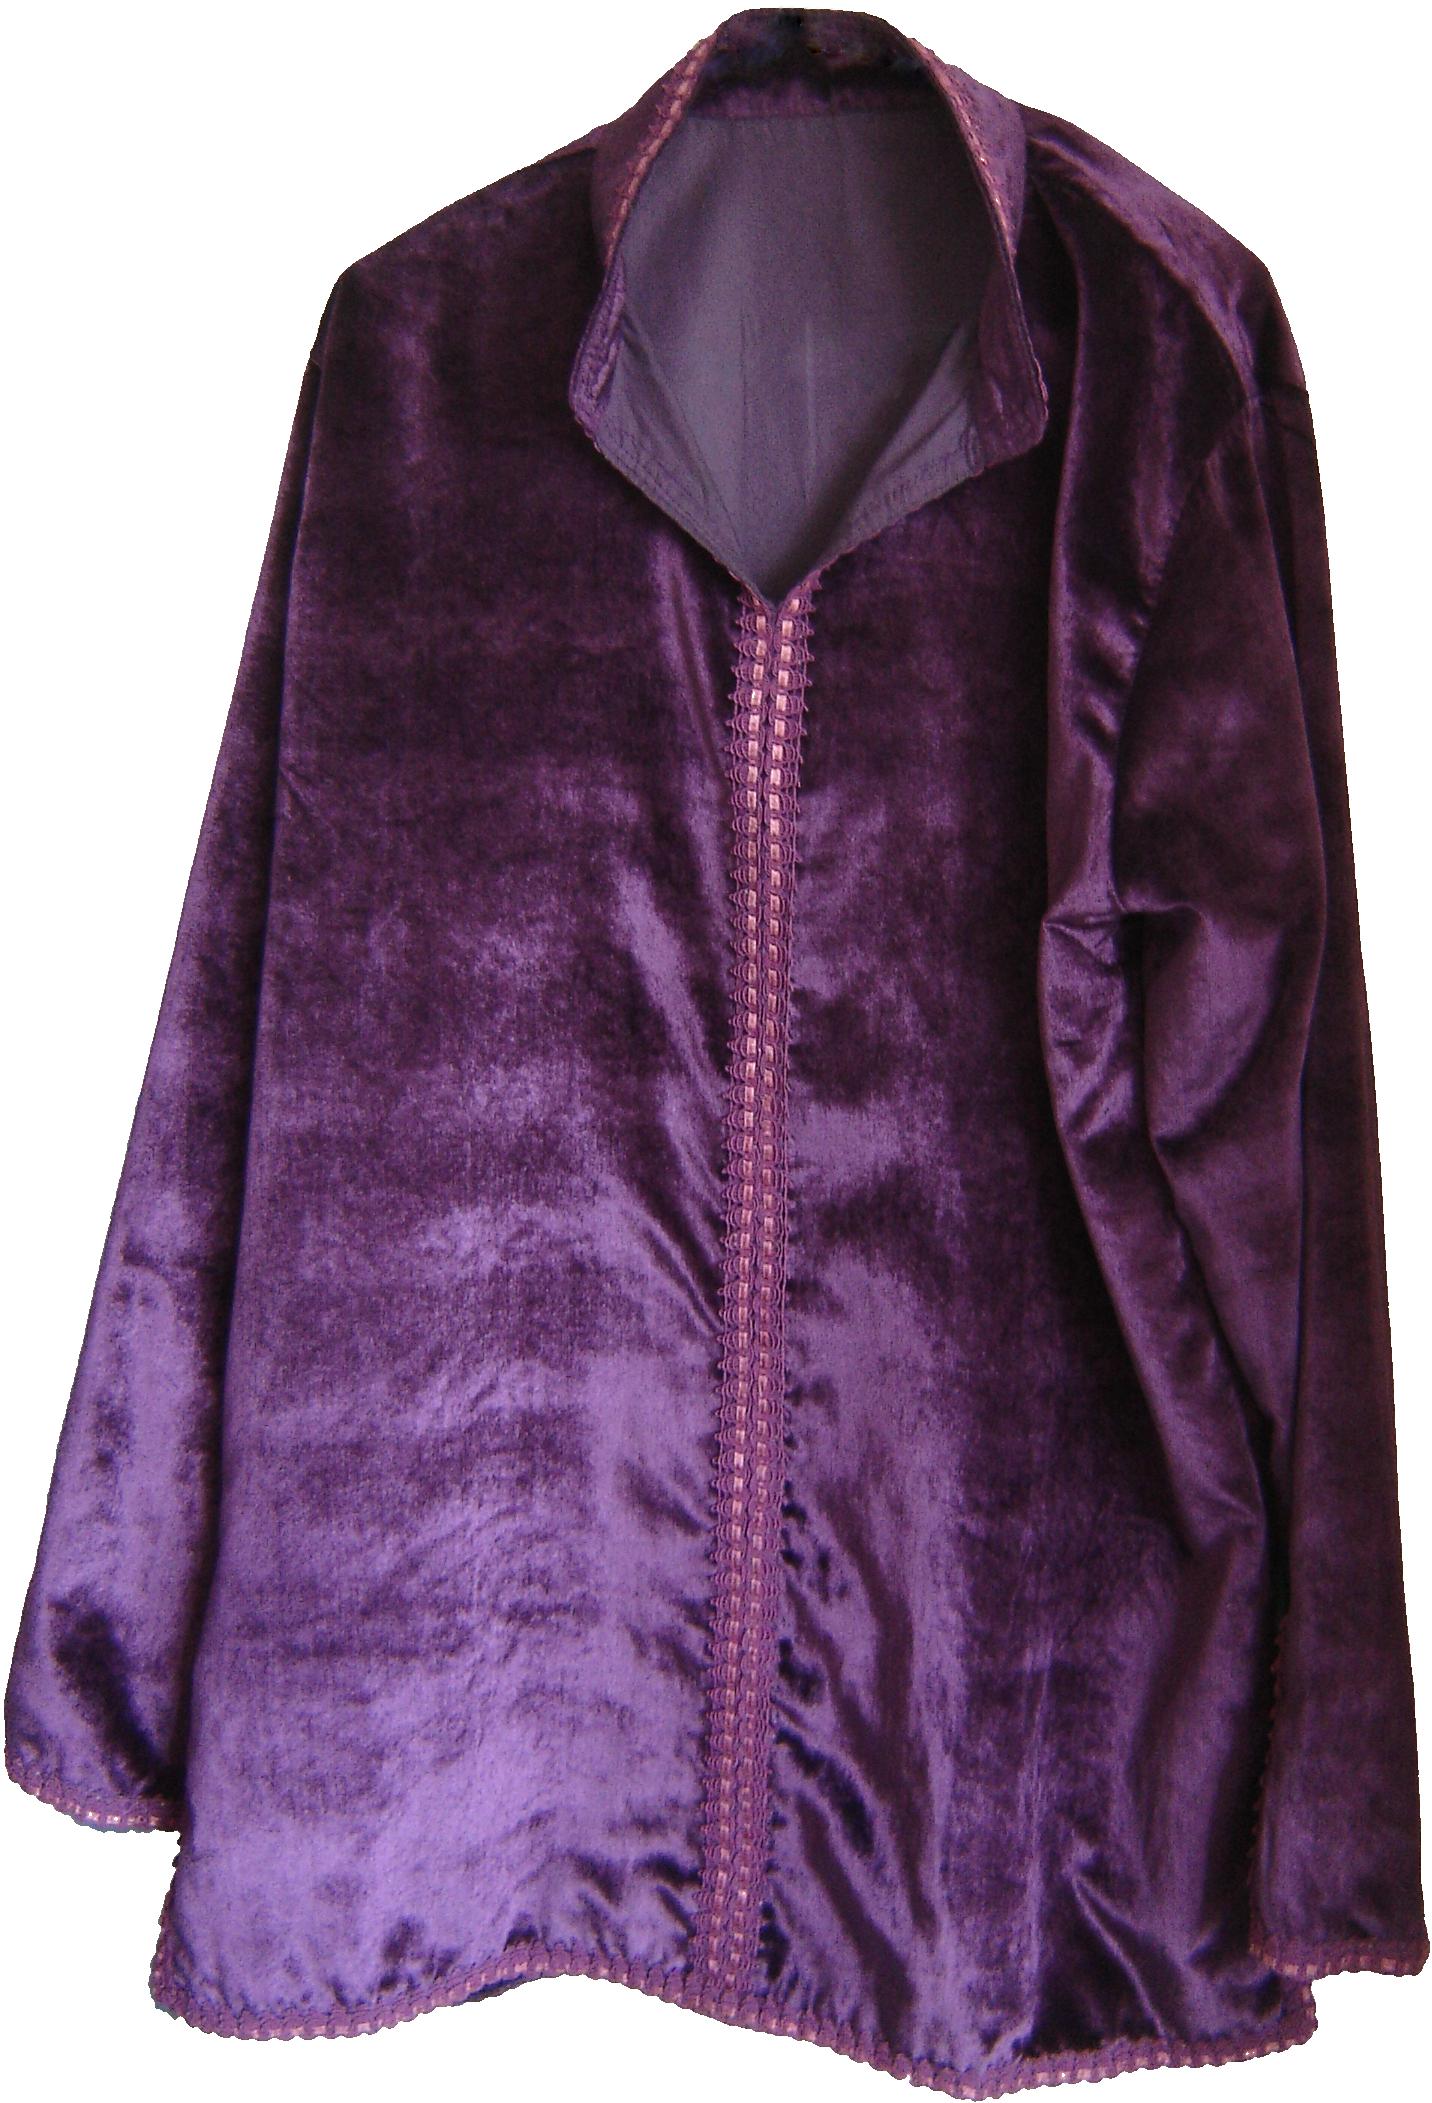 Plum velvet Moroccan shirt, from Fez, 71 Golborne Road, London